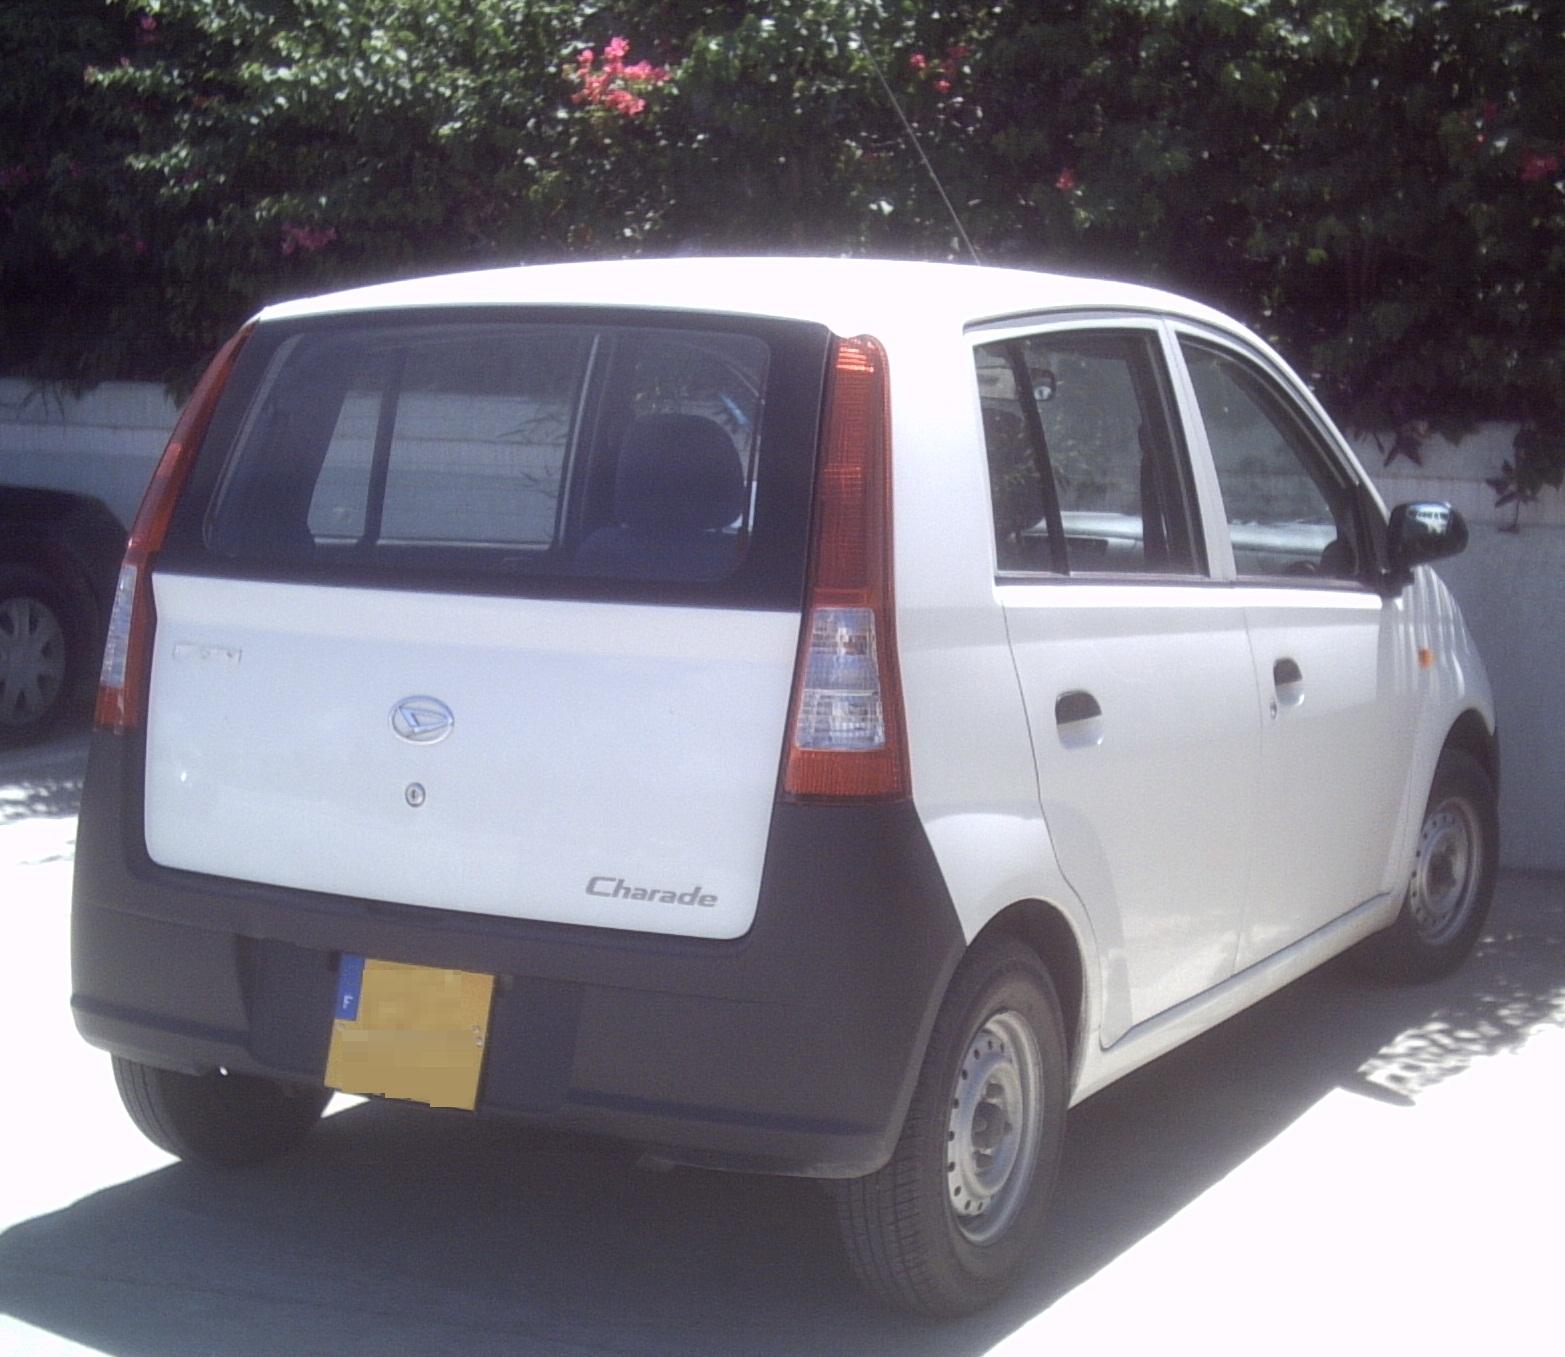 2006 daihatsu charade choice image hd cars wallpaper daihatsu charade 2006 pictures information specs daihatsu charade 2006 vanachro vanachro Choice Image